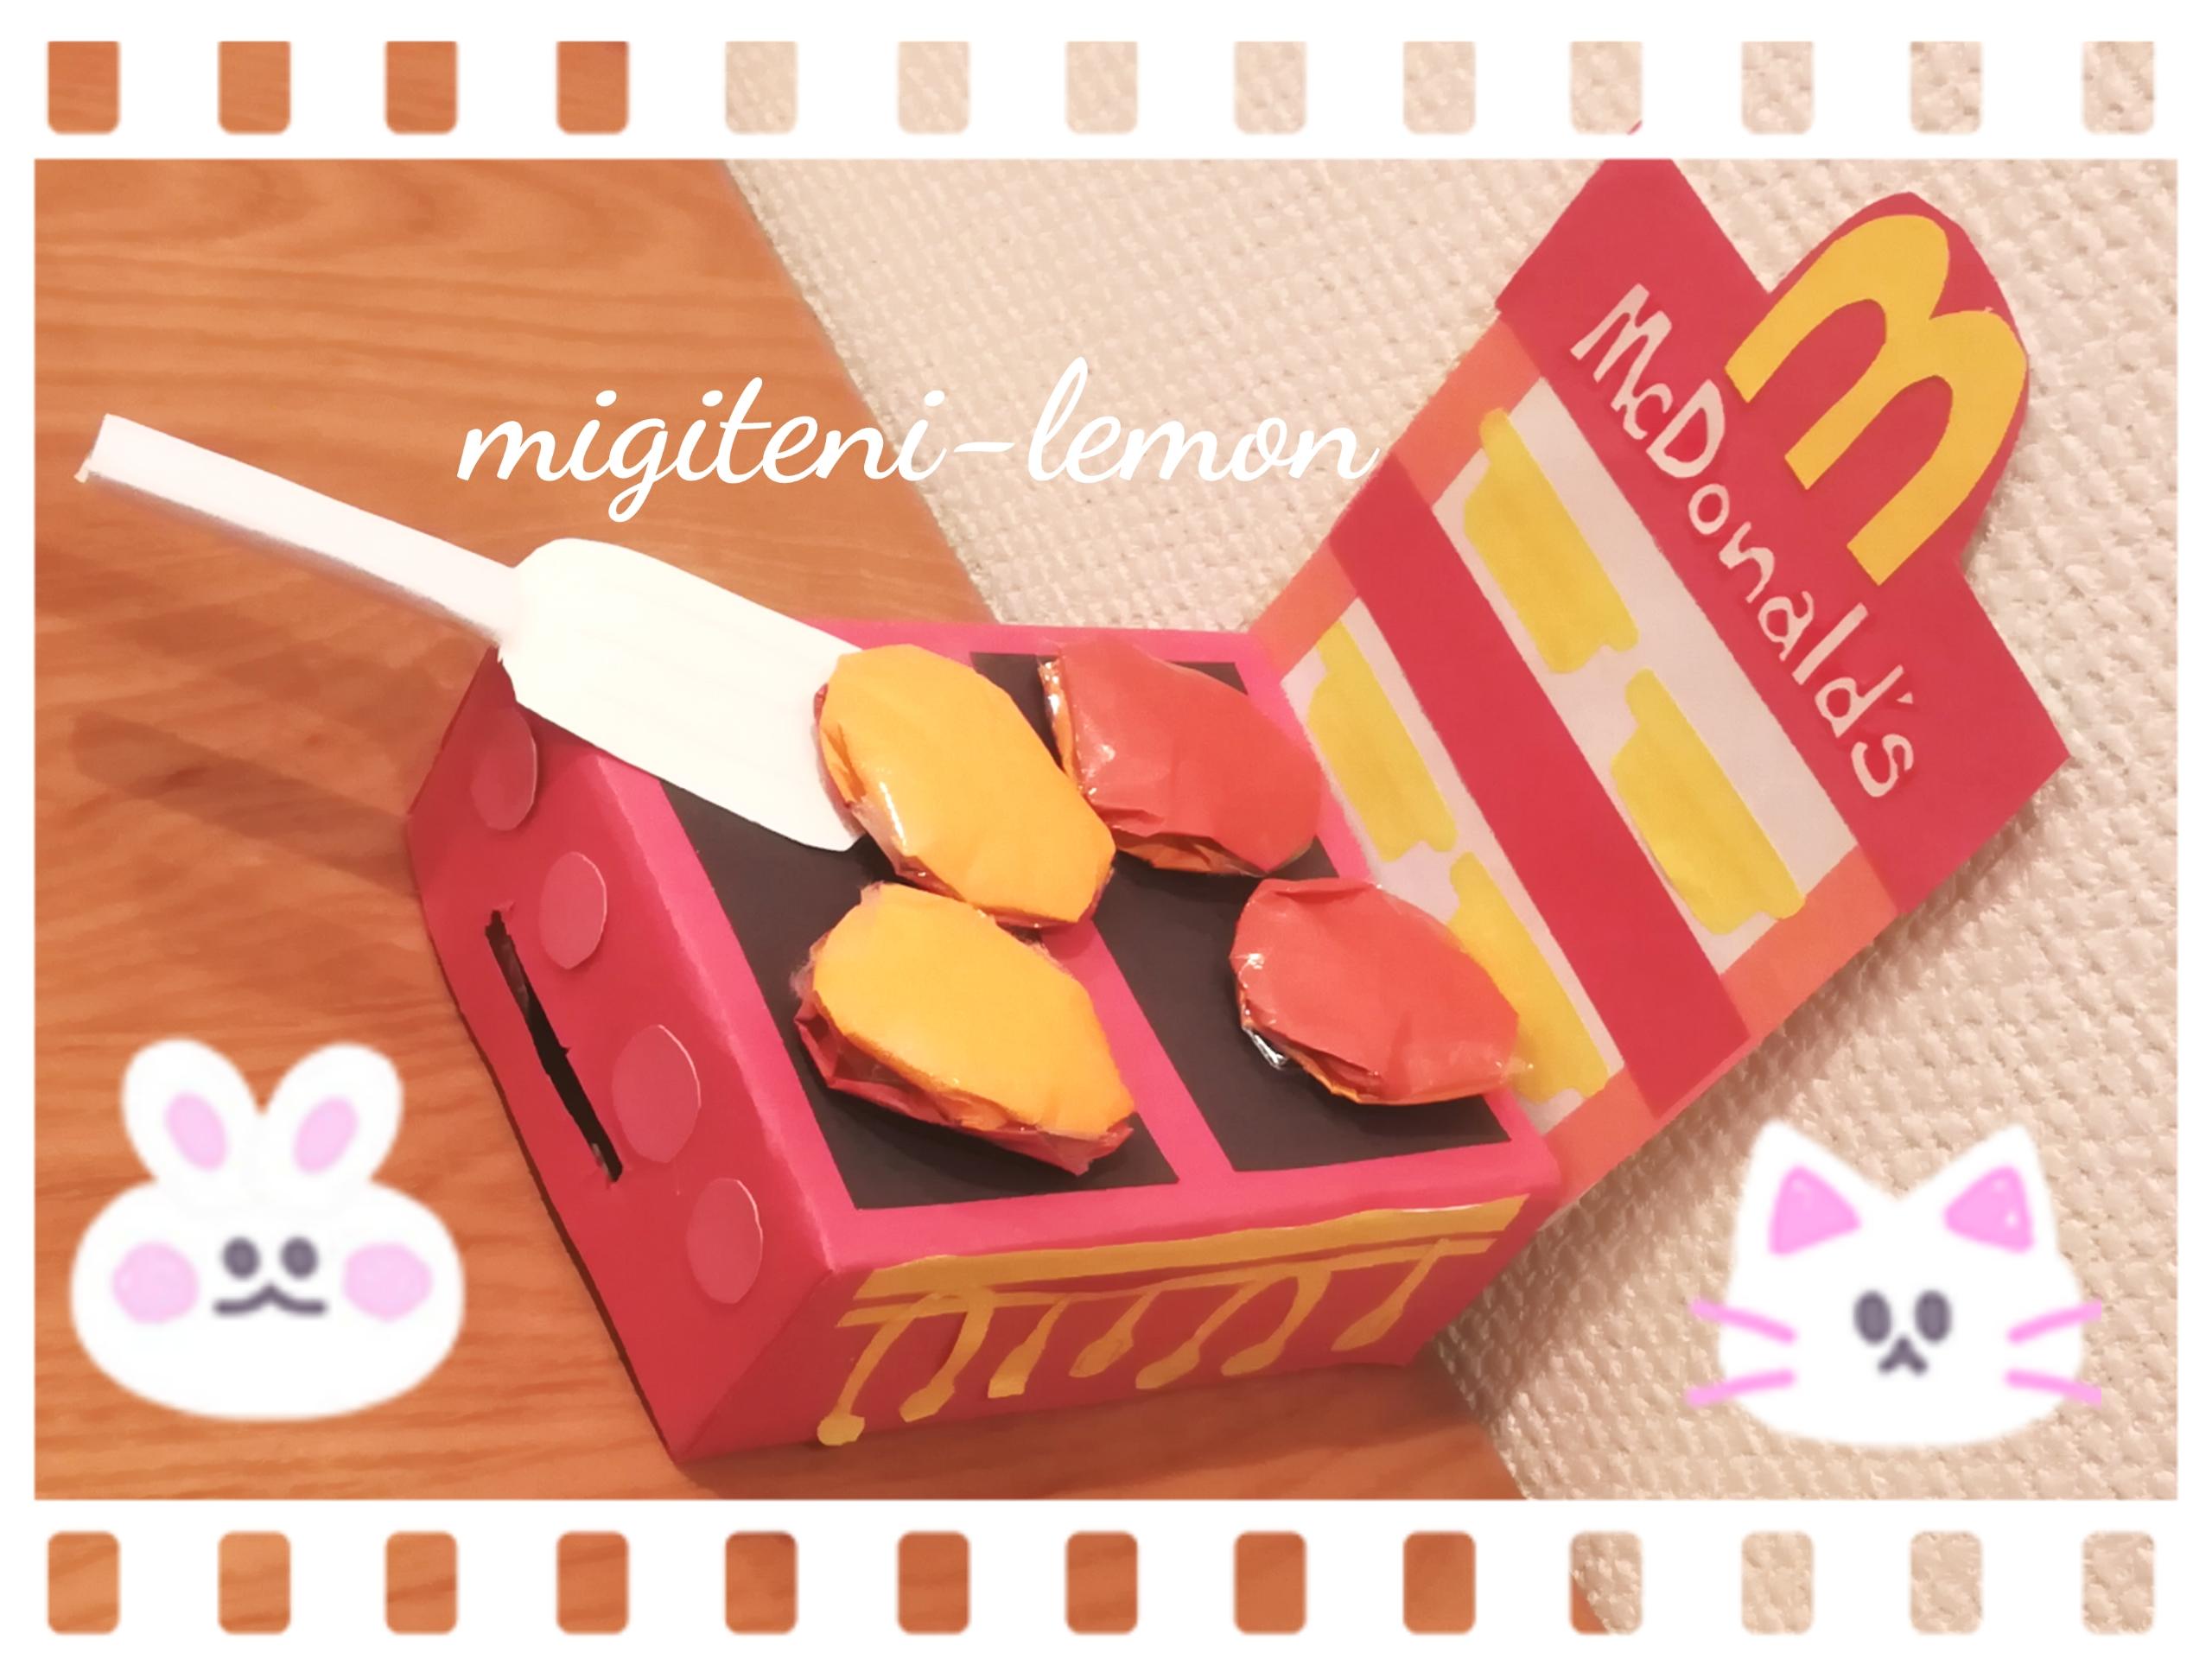 tedukuri-handmade-happyset-mcdonalds-daiso